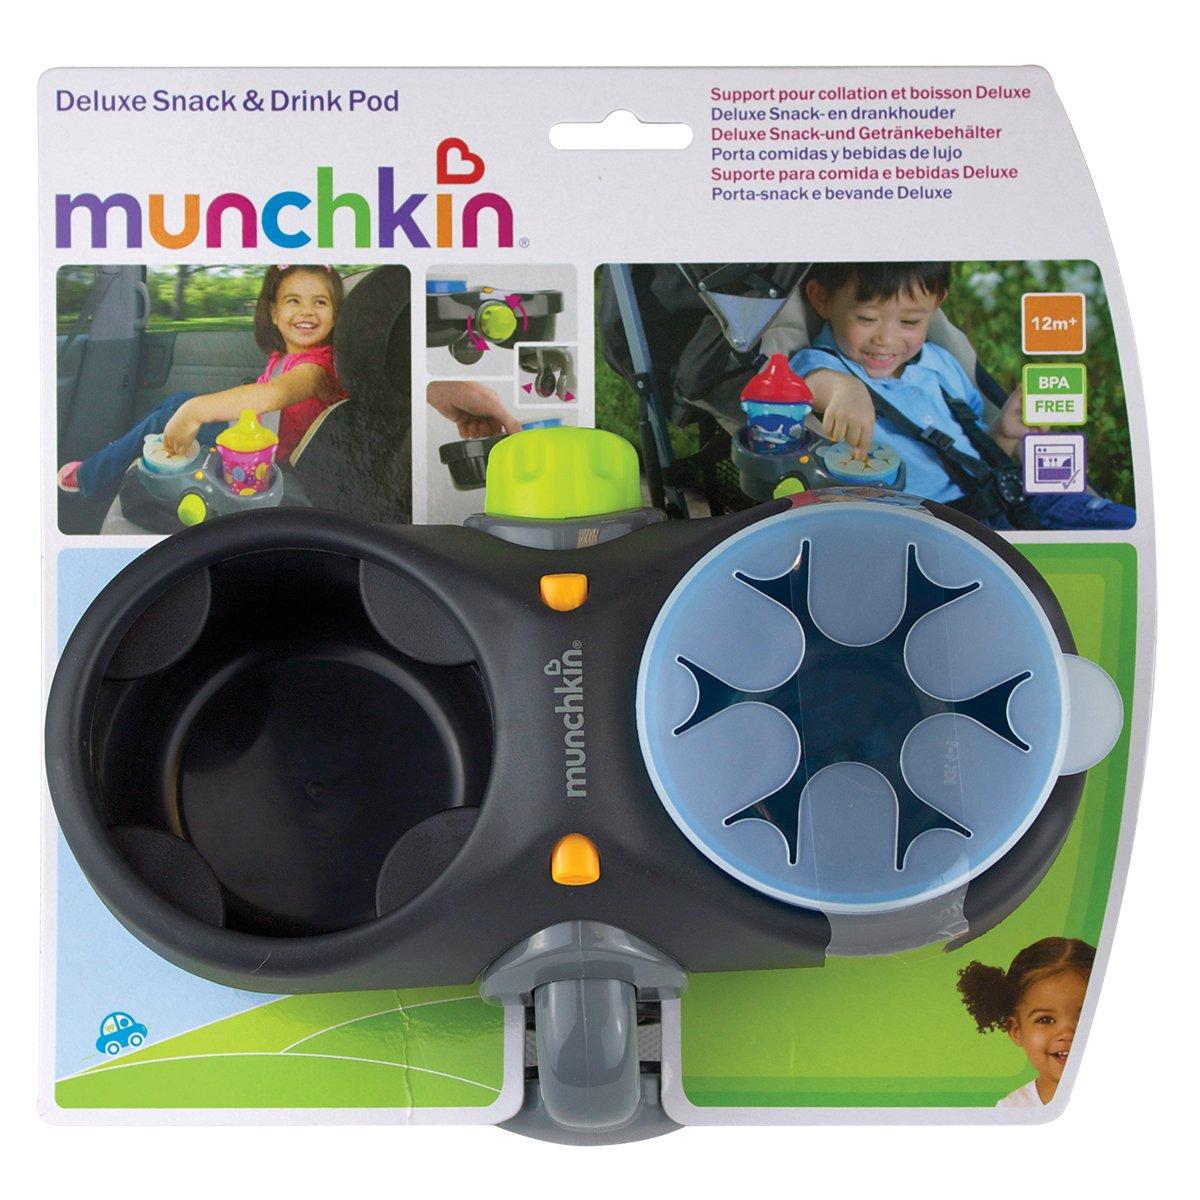 Munchkin: DeLuxe Snack und Getränkehalter